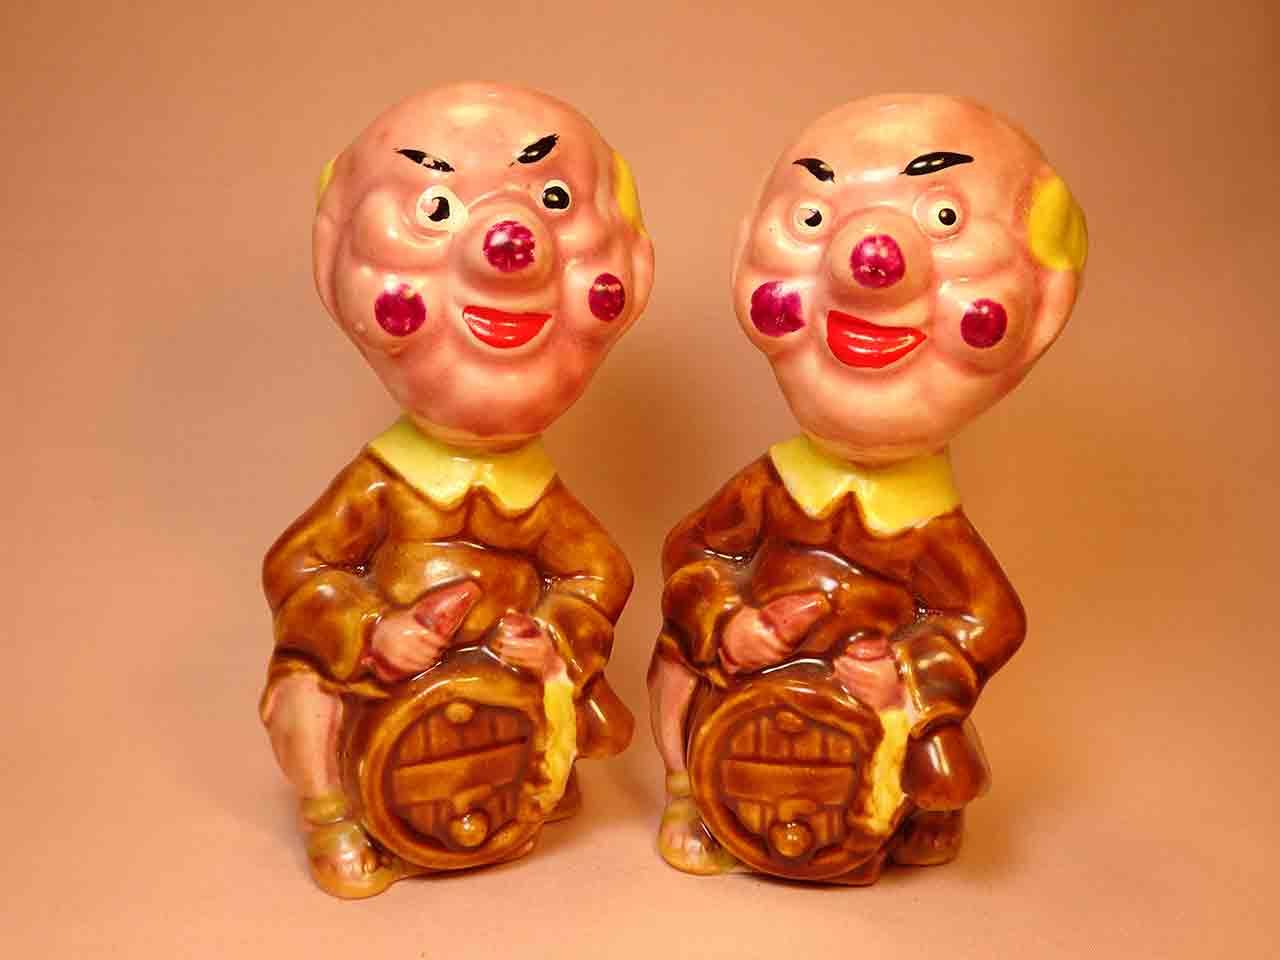 Clown-like strange fellows salt and pepper shakers - monks